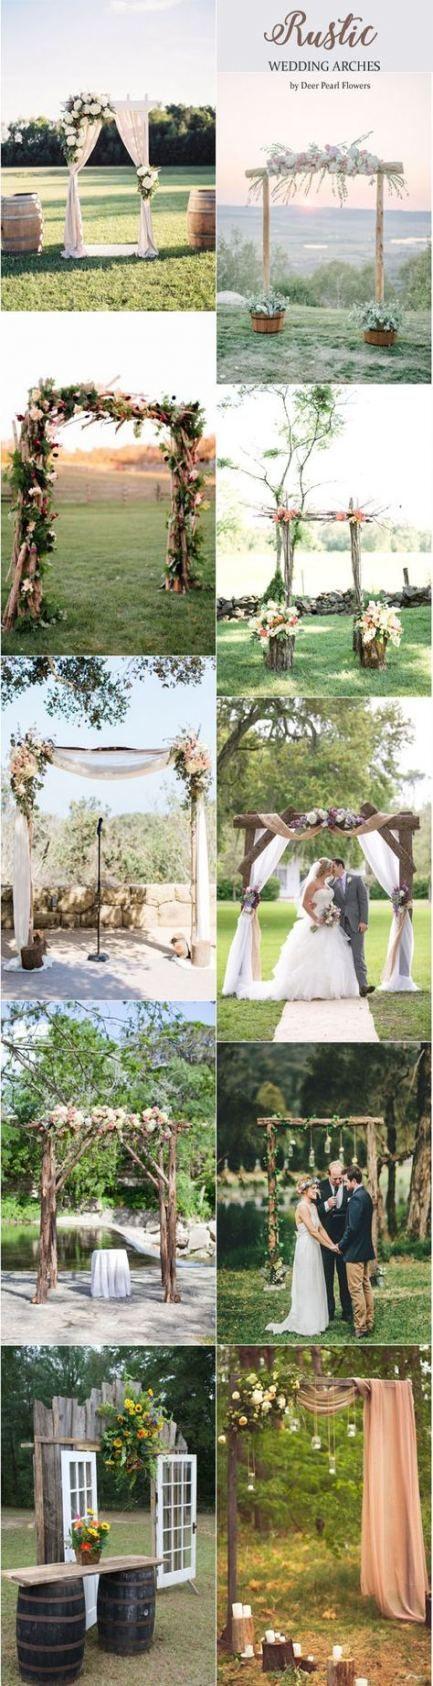 Wedding Arch Rustic Diy Beautiful 40 New Ideas